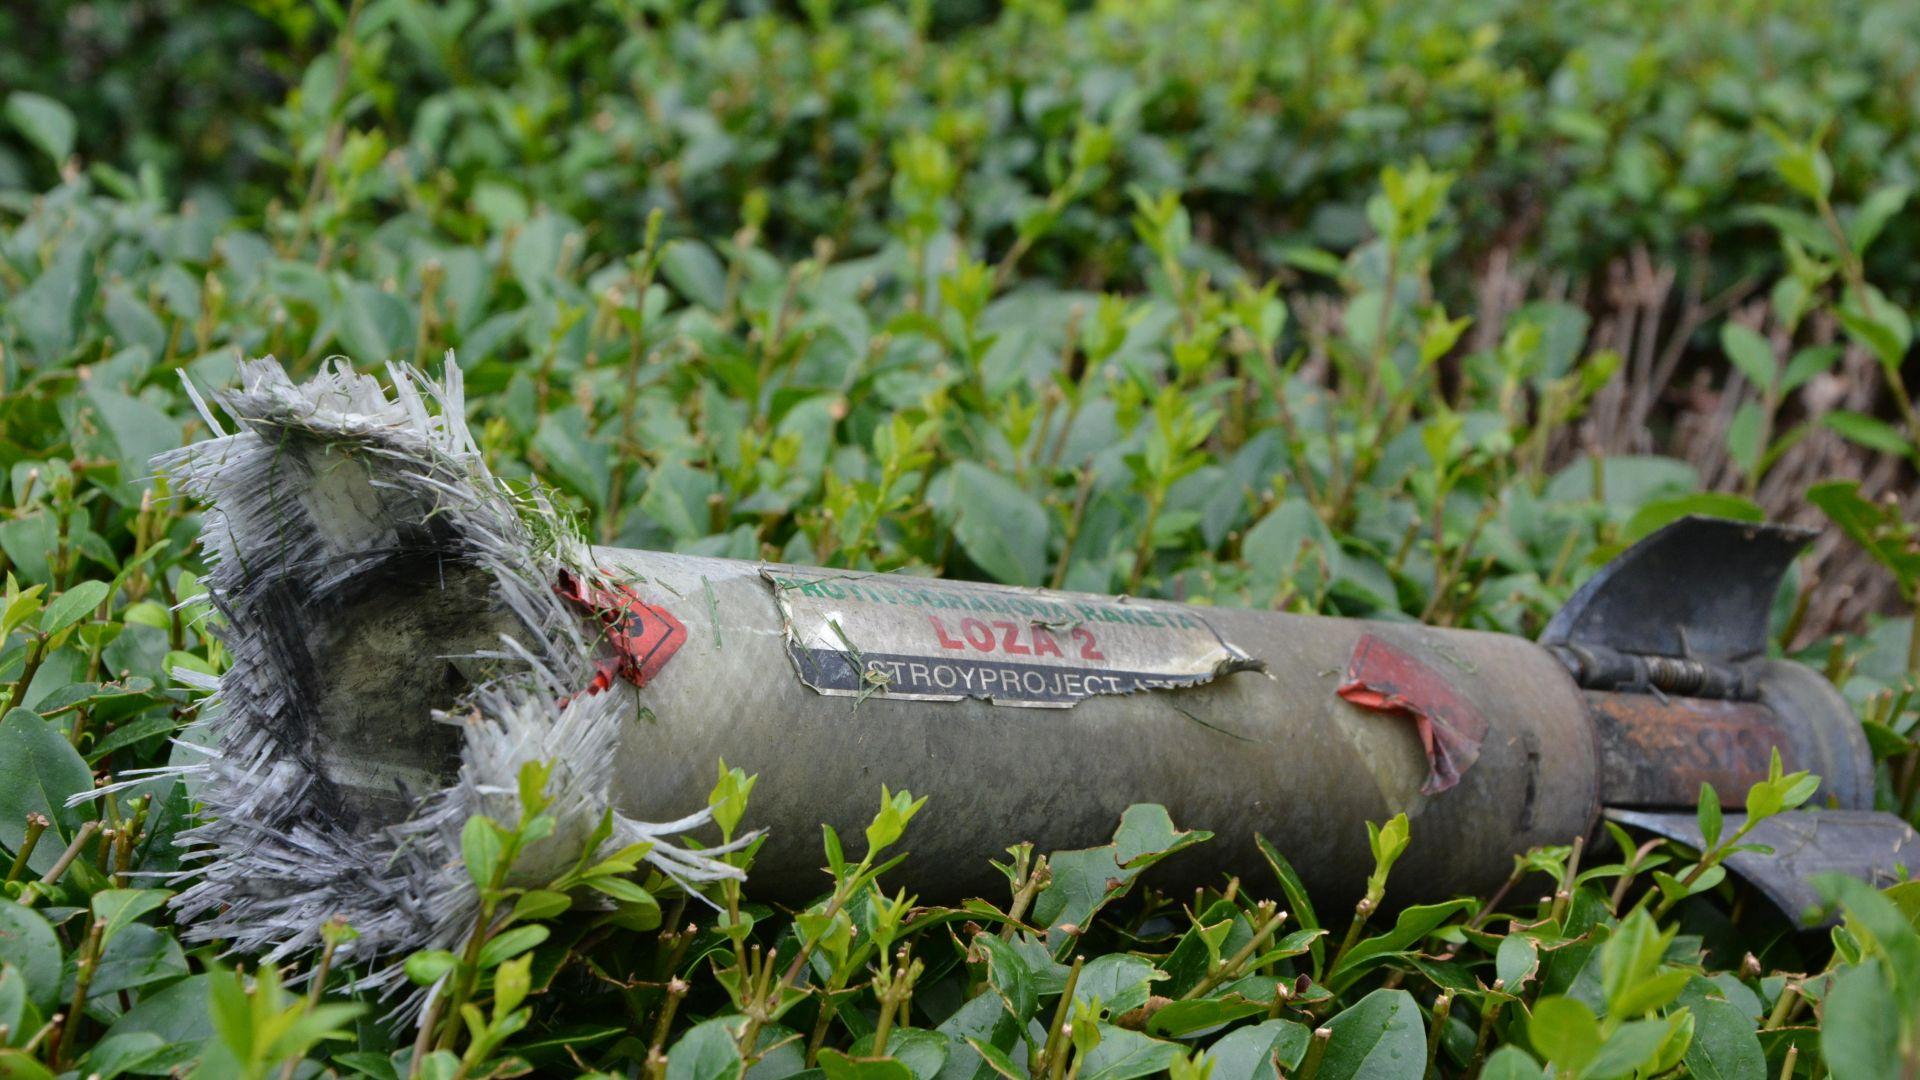 Противоградна ракета e паднала в центъра на Харманли  (снимки)